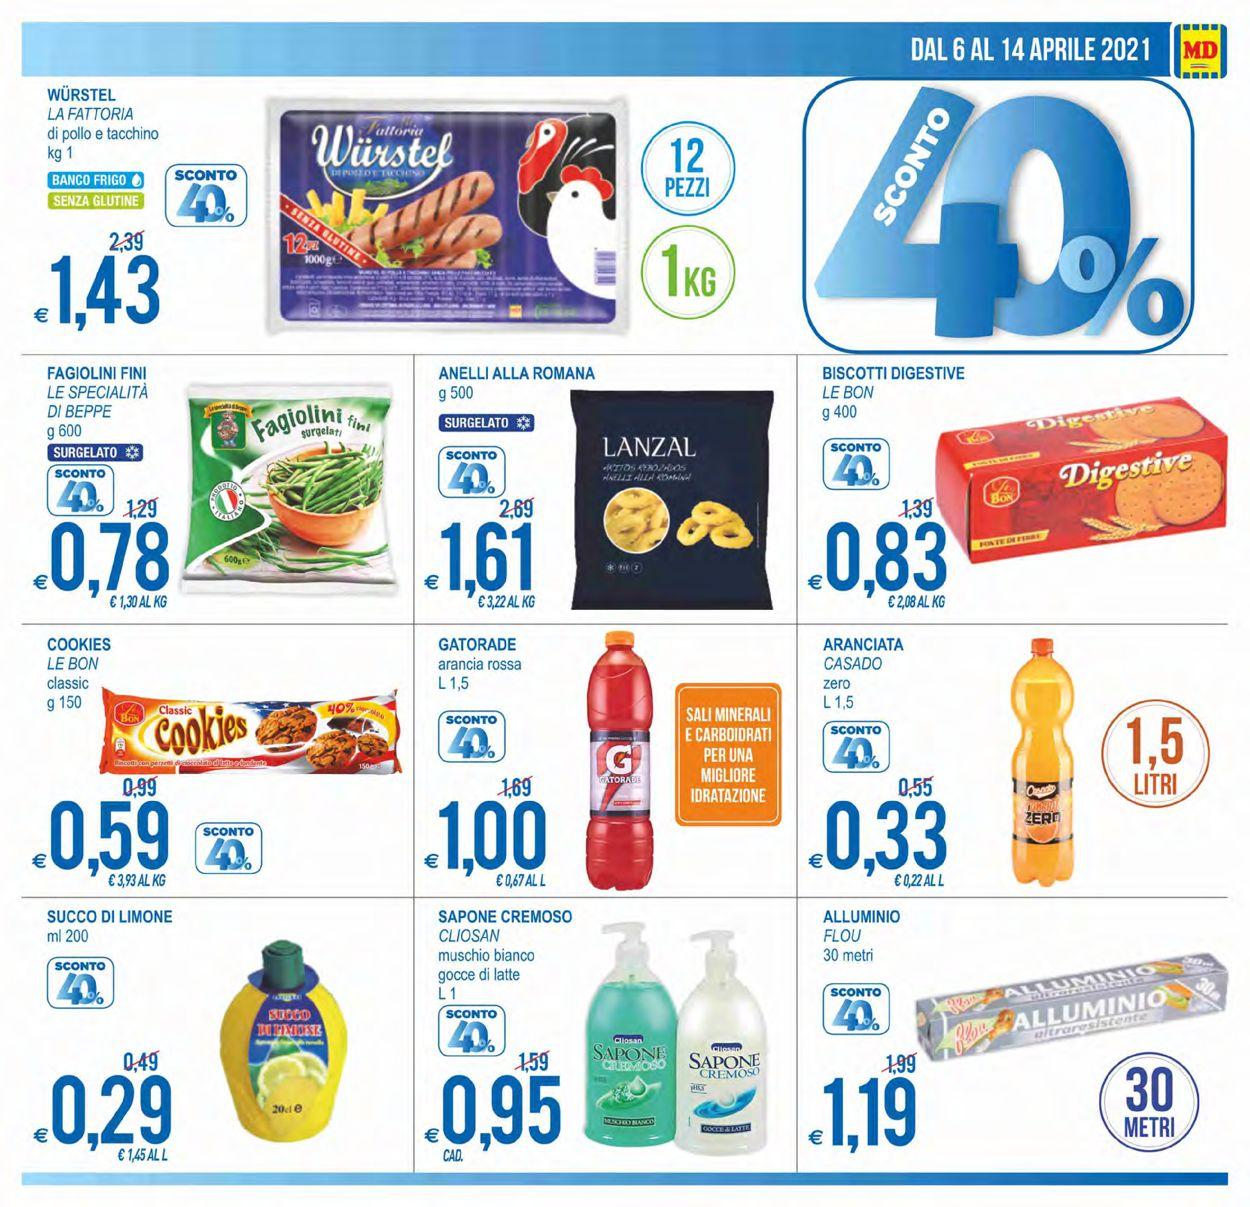 Volantino MD Discount - Offerte 06/04-14/04/2021 (Pagina 3)